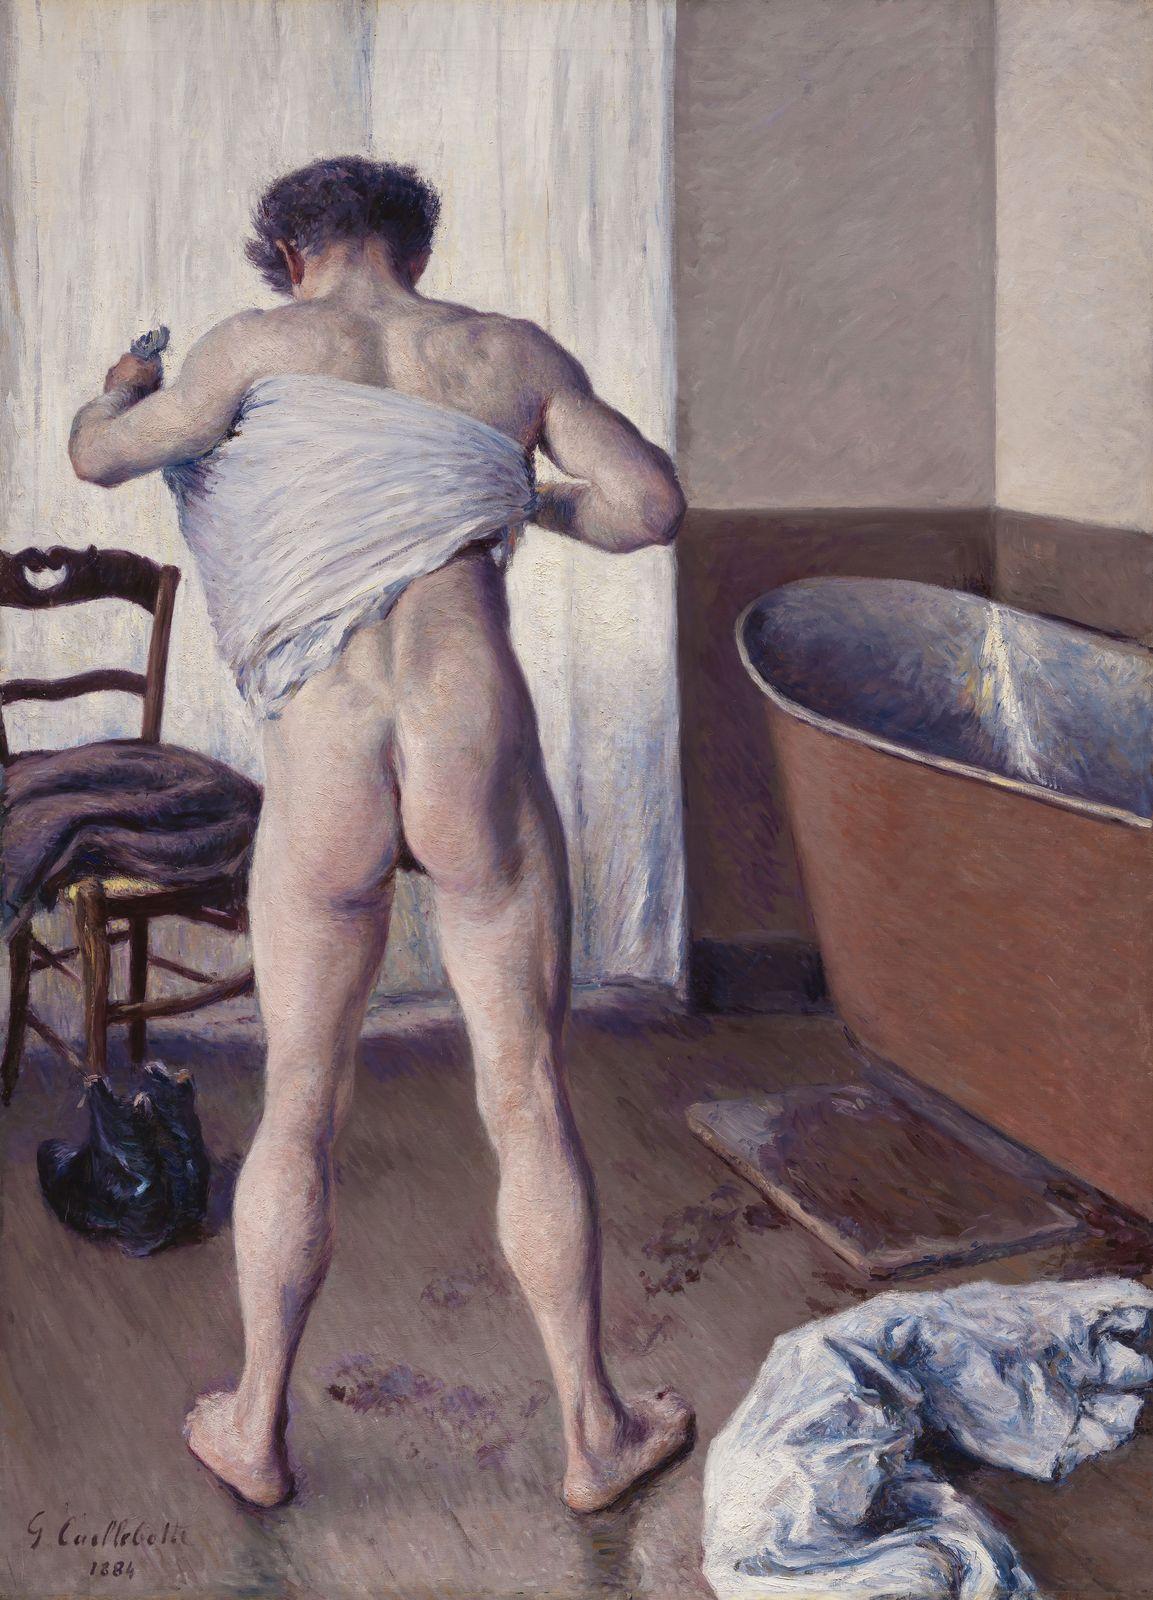 Гюстав Кайботт «Мужчина в ванной» (1884 144.8 x 114.3 см ) Музей изящных искусств, Бостон